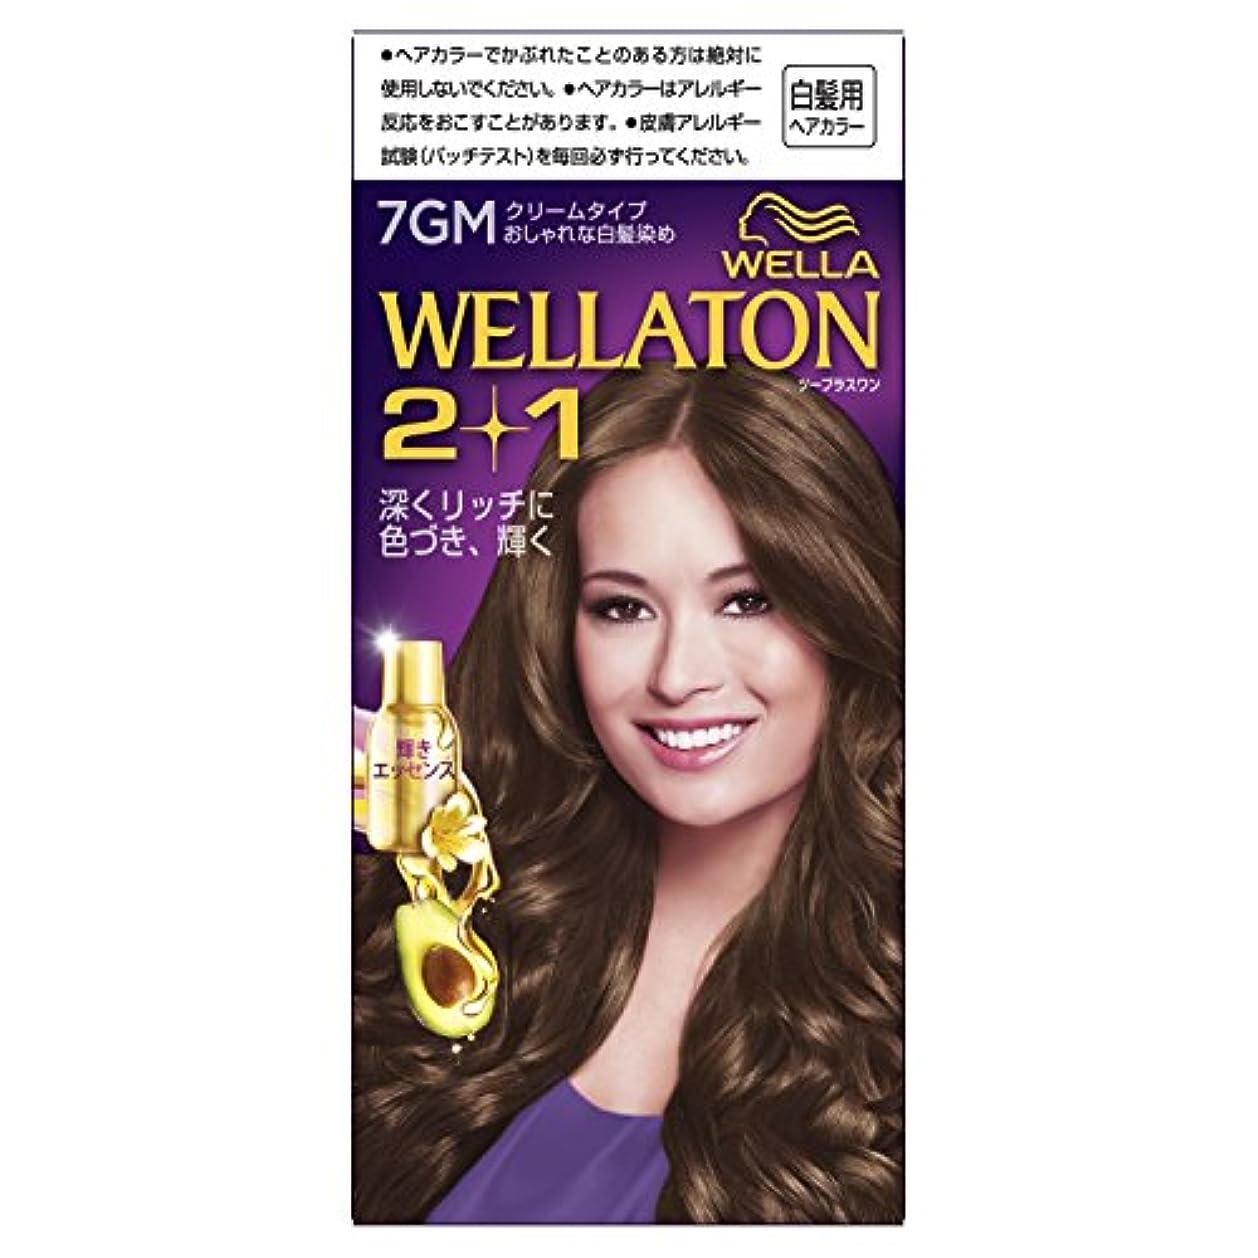 添加剤旅楽なウエラトーン2+1 クリームタイプ 7GM [医薬部外品](おしゃれな白髪染め)